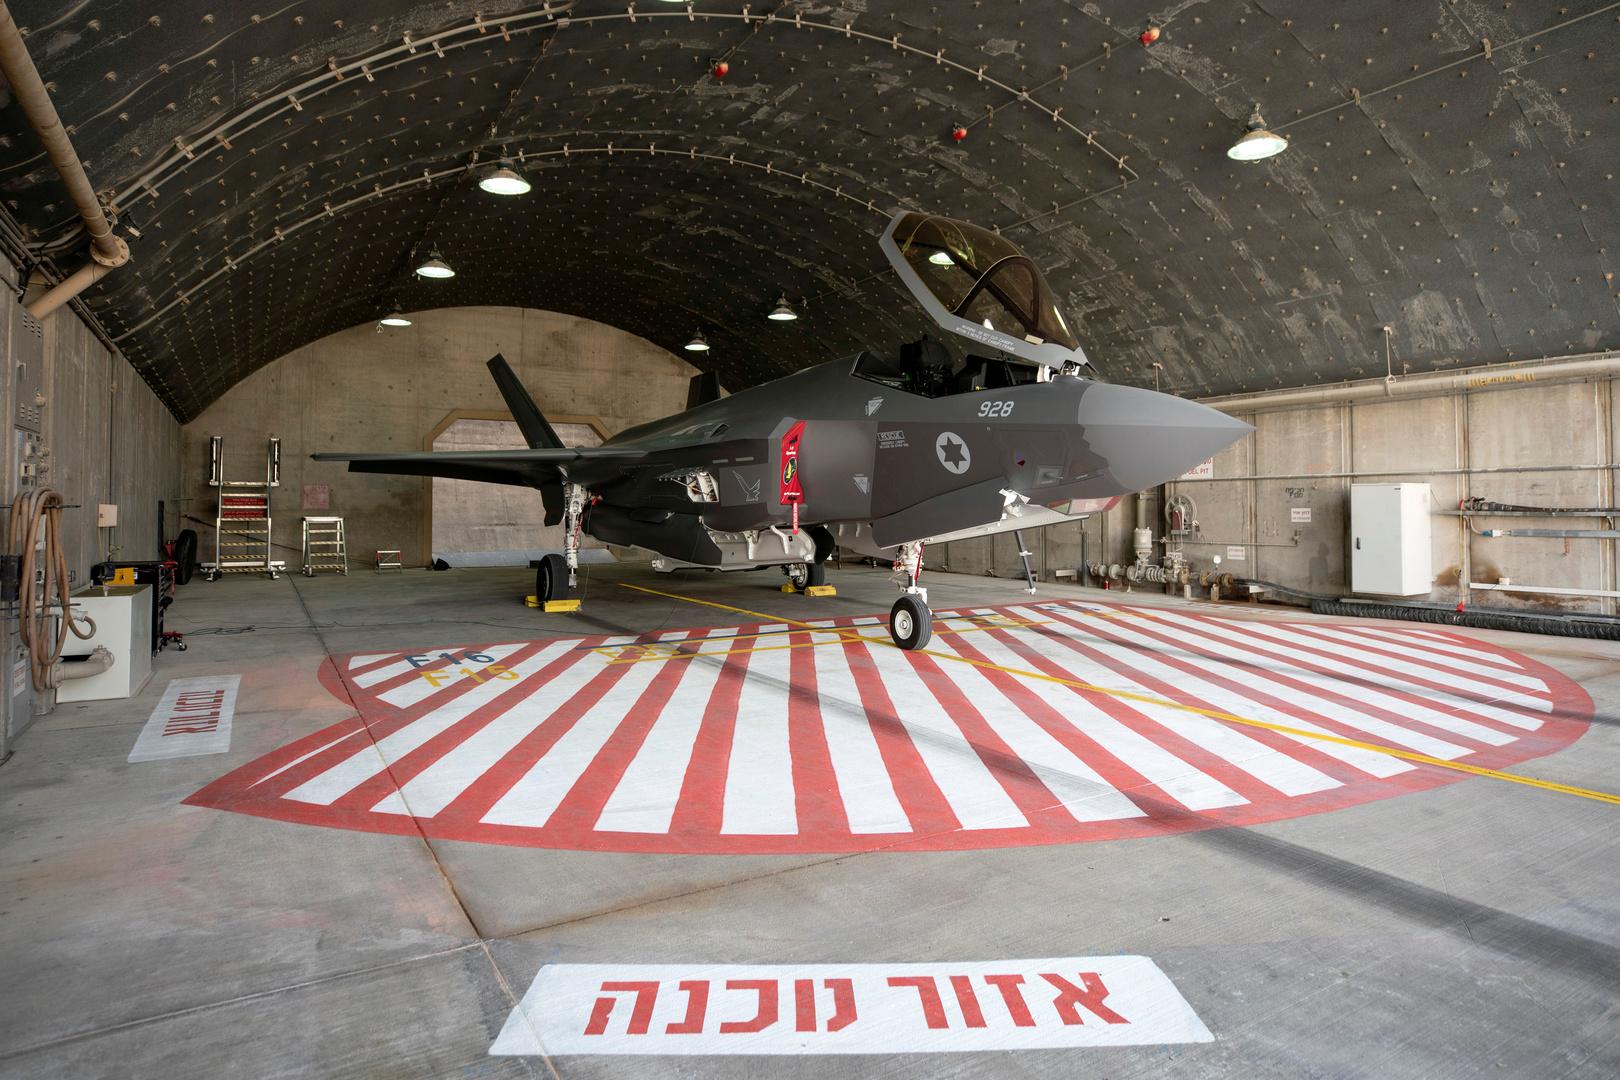 طائرات شبح إسرائيلية تشارك لأول مرة في مناورات عسكرية دولية خارجية